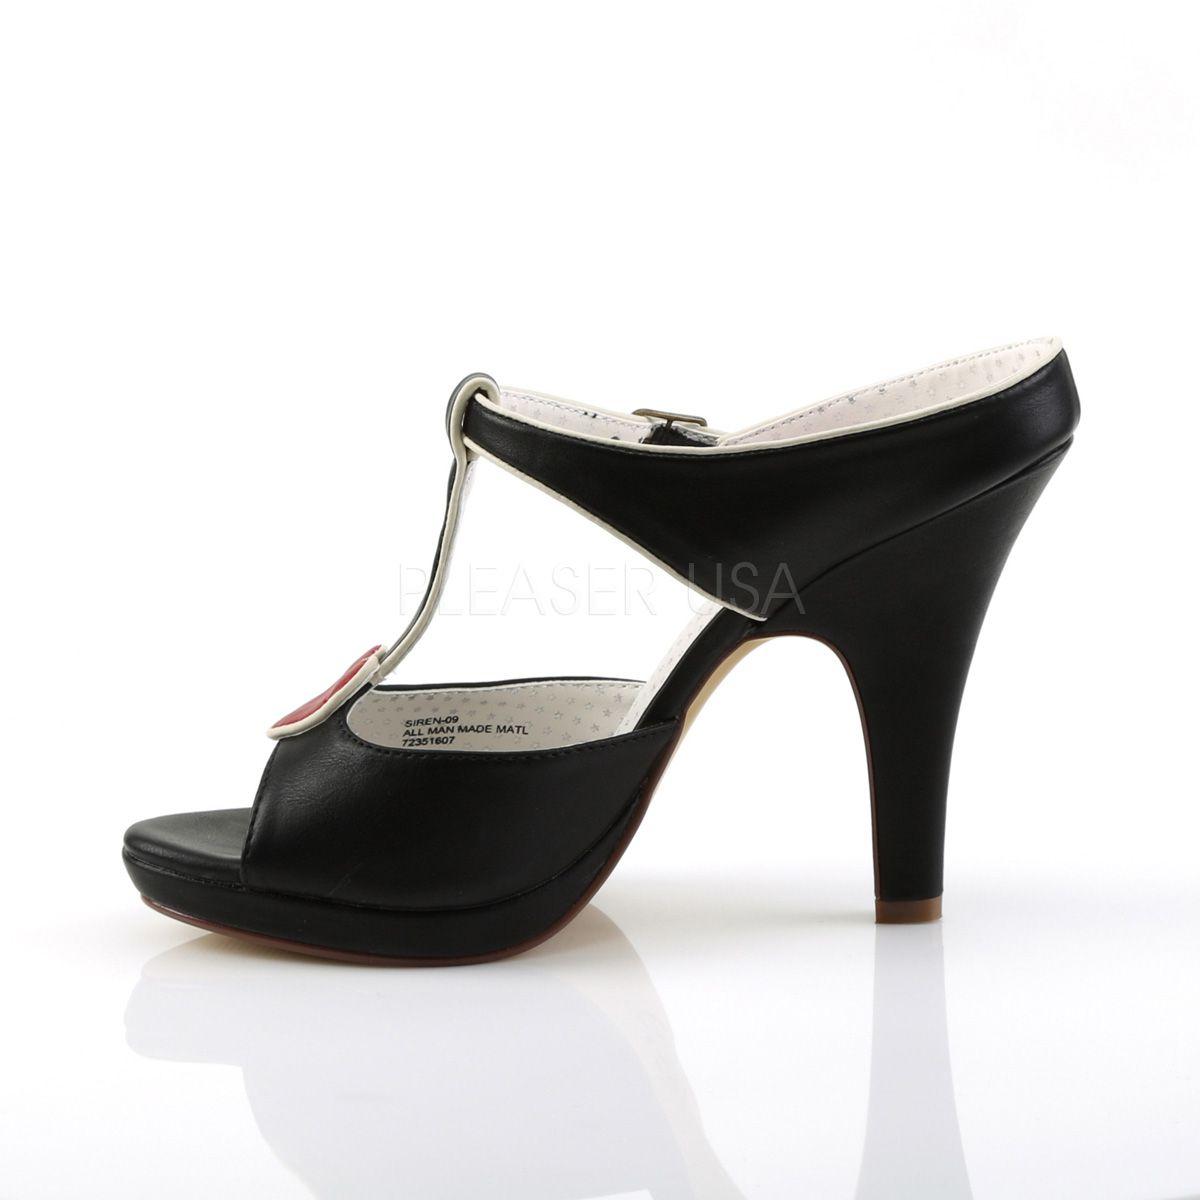 Sapato Siren 09 - Pin Up Couture (encomenda)